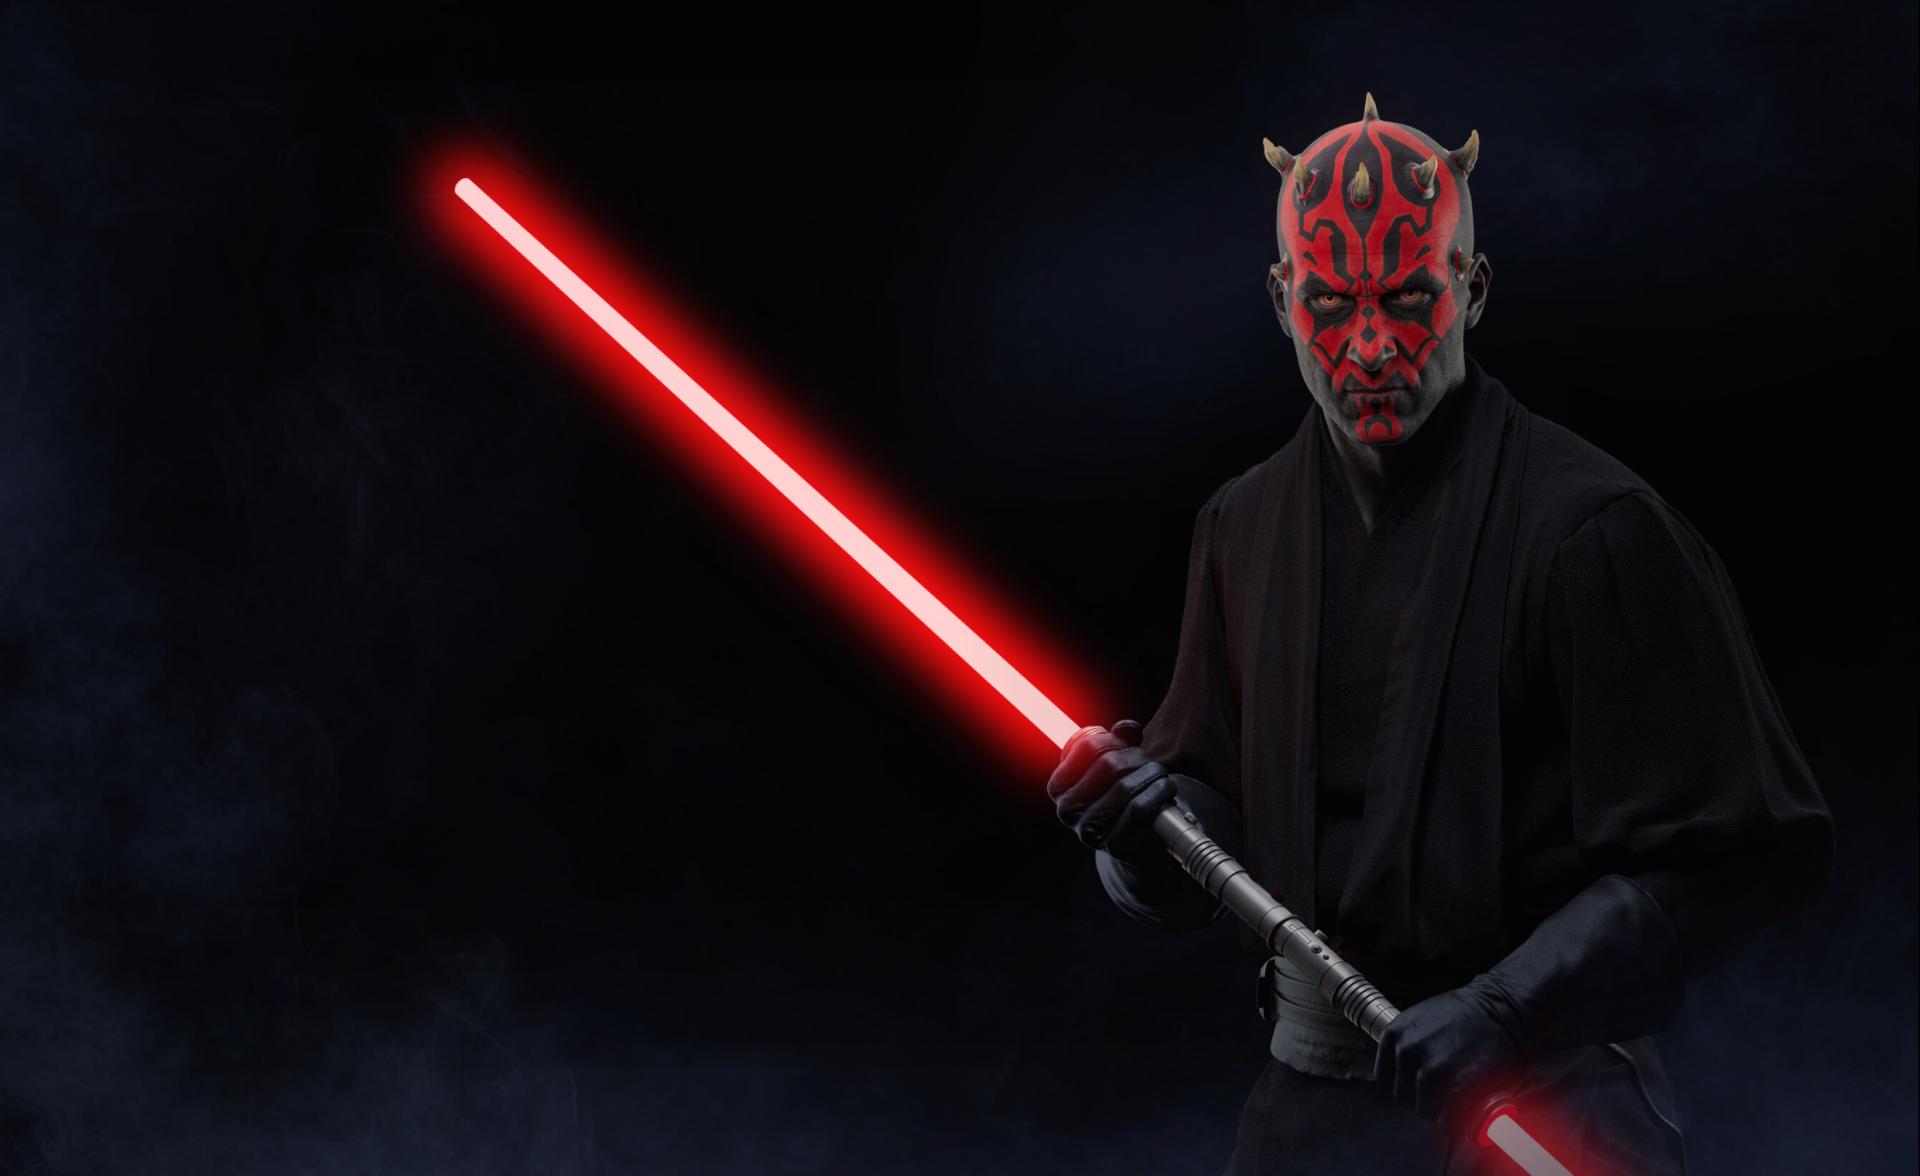 Star Wars Darth Maul Darth Maul